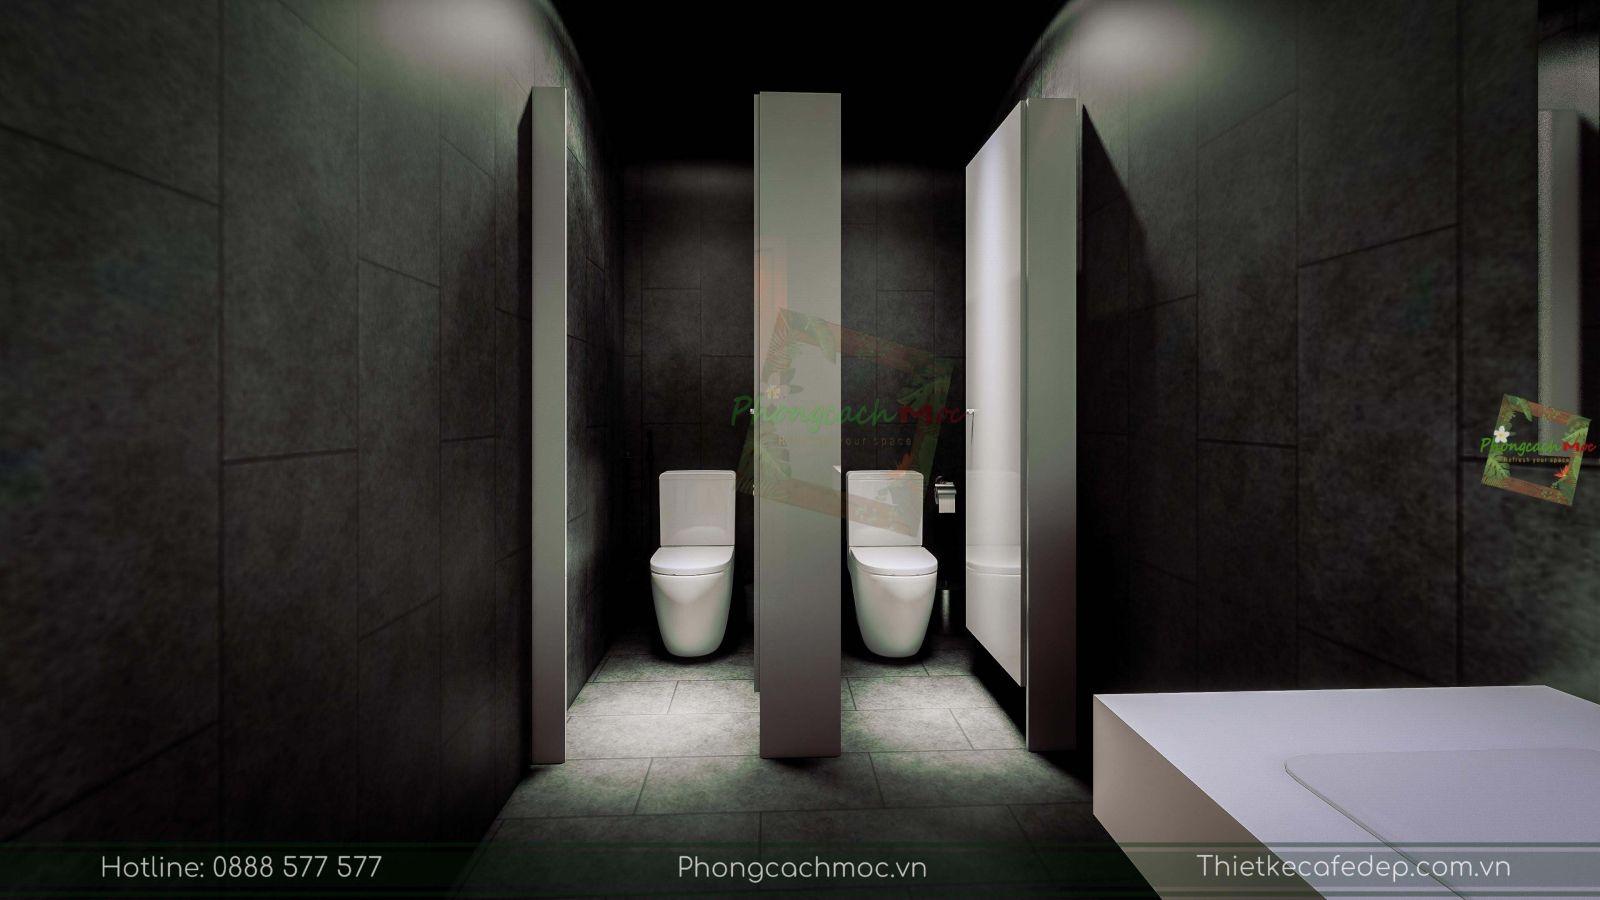 thiết kế nhà hàng trung hoa - khu vực vệ sinh - 3